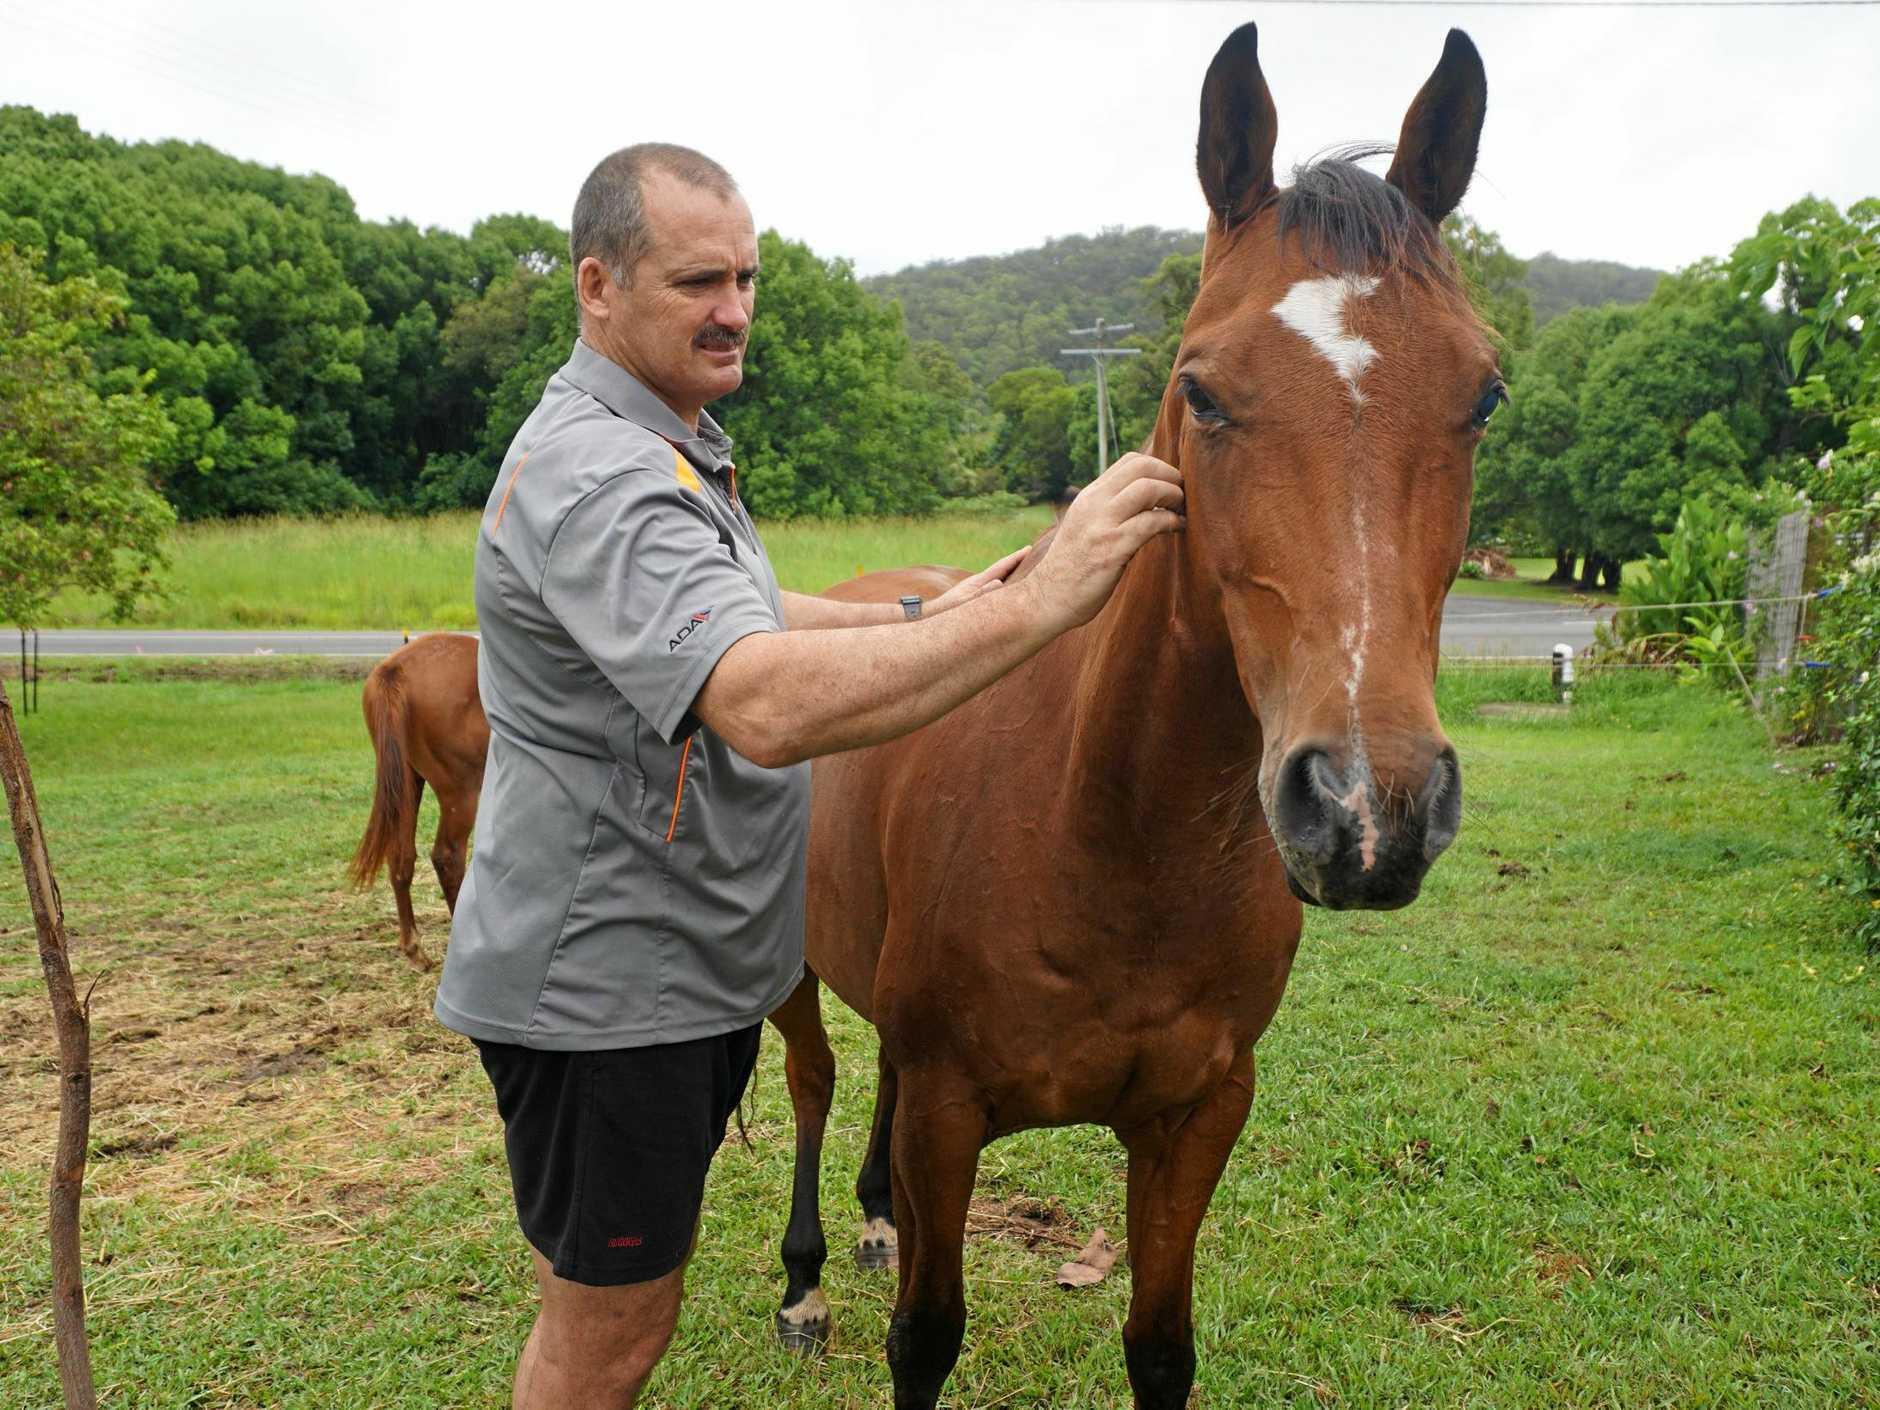 John Kirkham strokes horse, C Me at a Ninderry property.